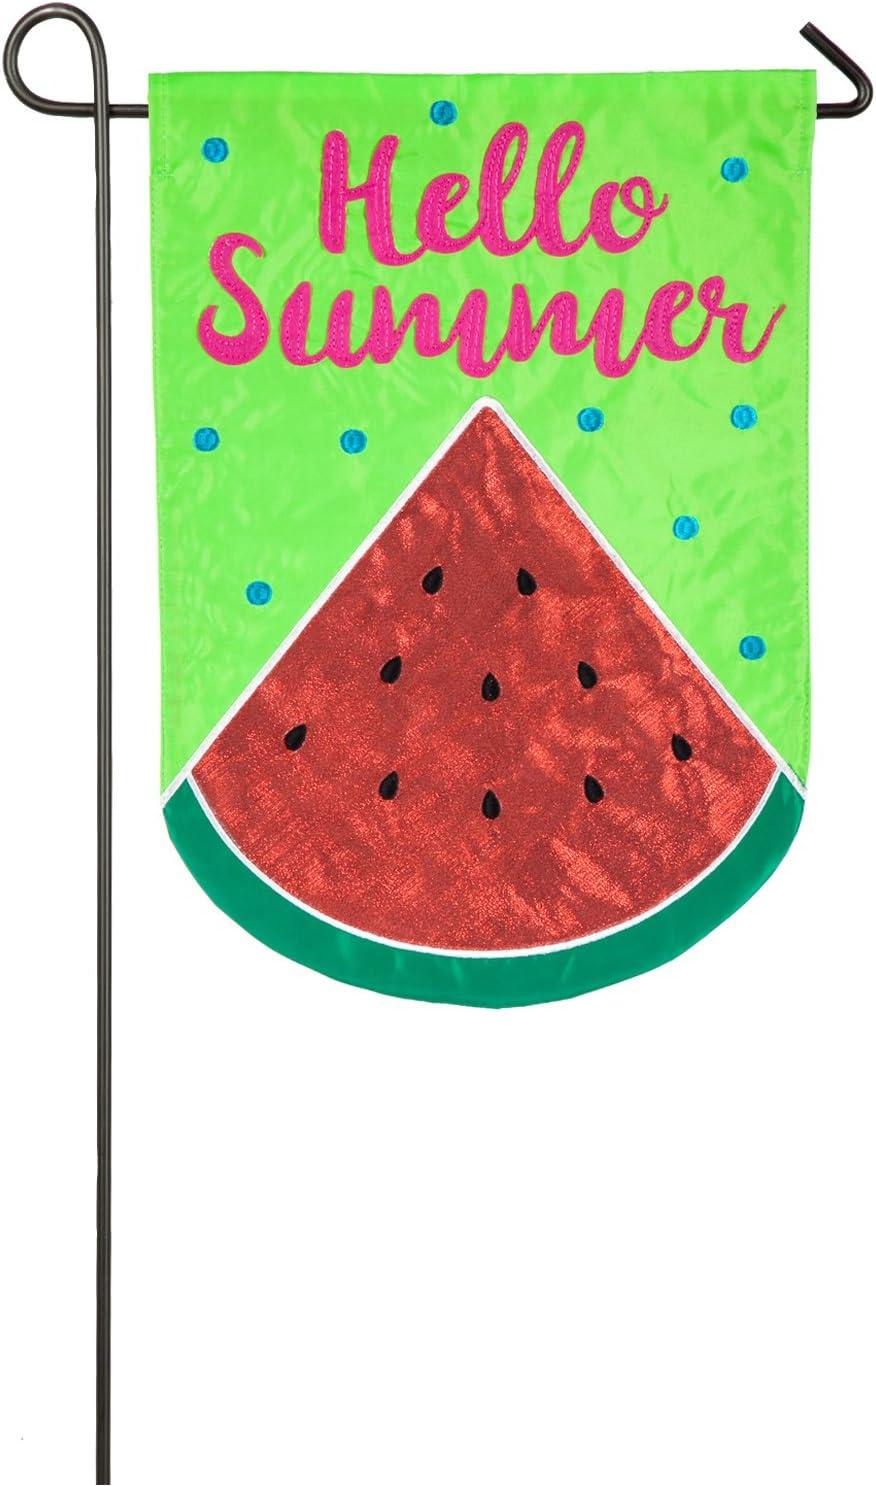 Hello Summer Watermelon Garden Applique Flag - 13 x 1 x 18 Inches